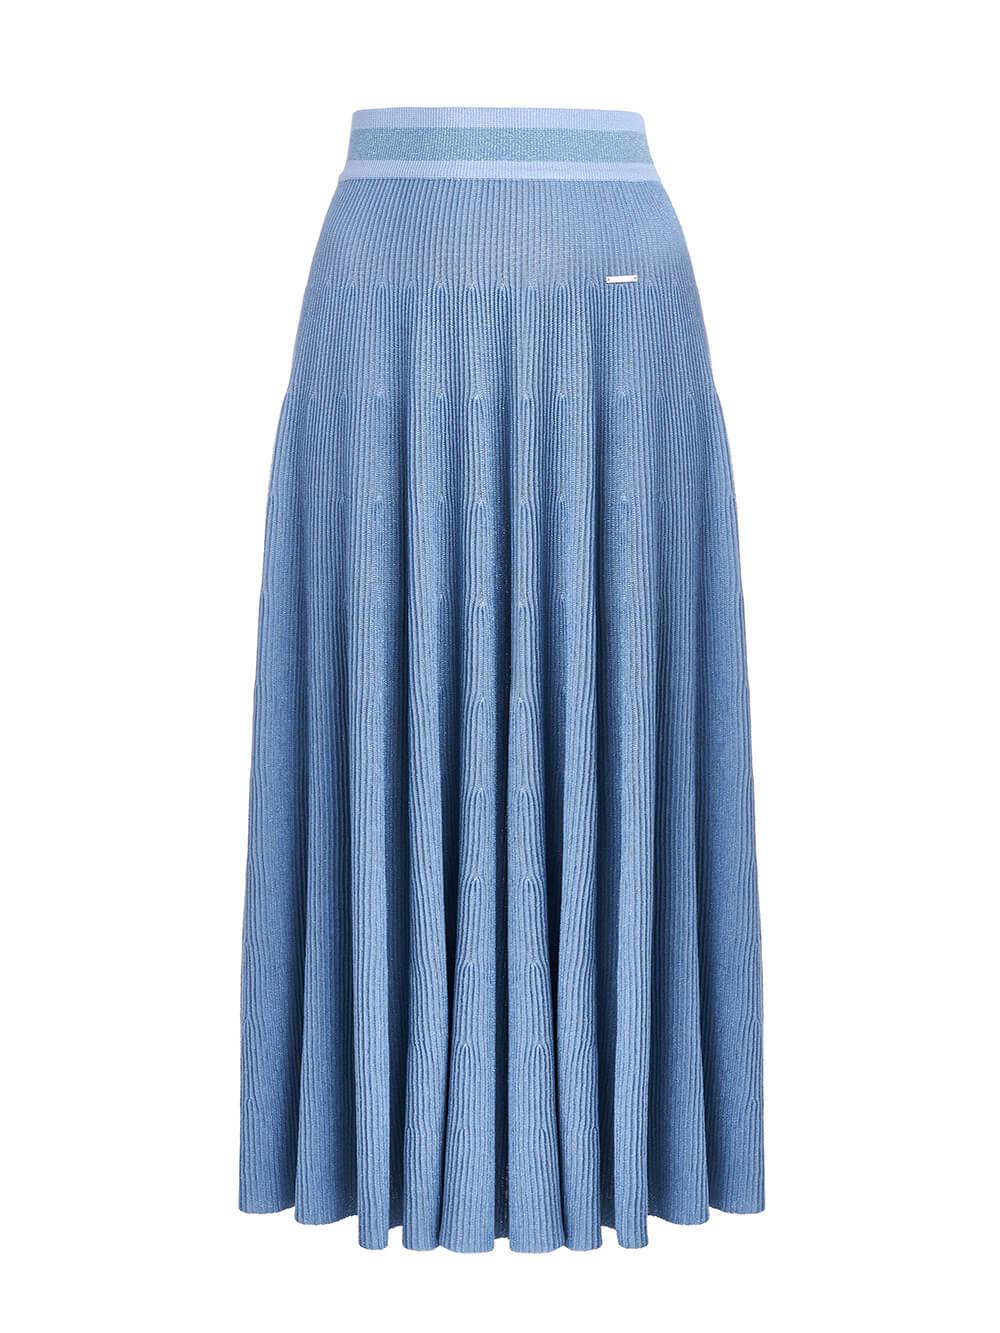 Женская юбка-миди голубого цвета - фото 1